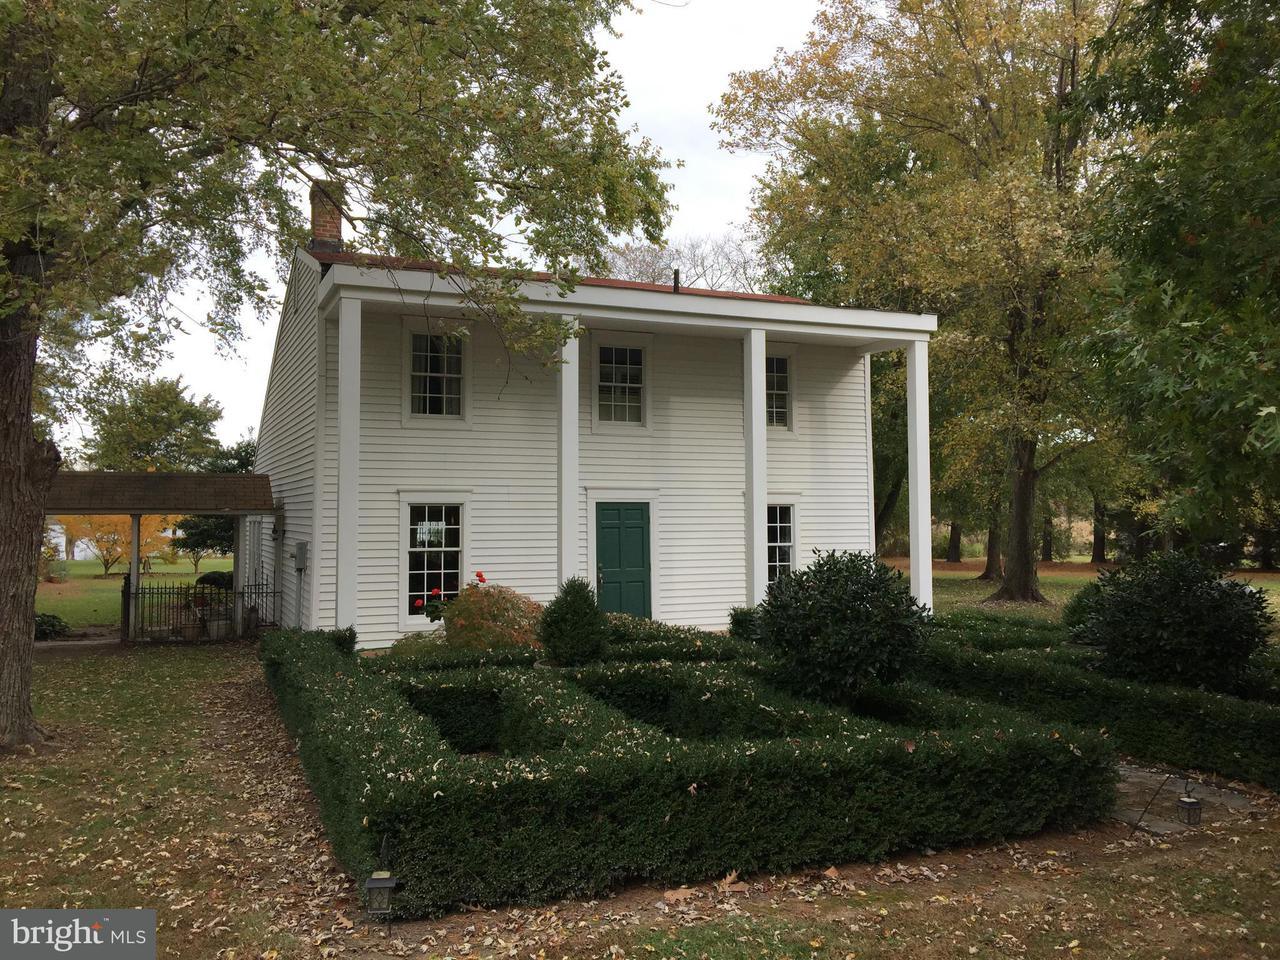 Частный односемейный дом для того Продажа на 7936 BOZMAN NEAVITT Road 7936 BOZMAN NEAVITT Road Bozman, Мэриленд 21612 Соединенные Штаты